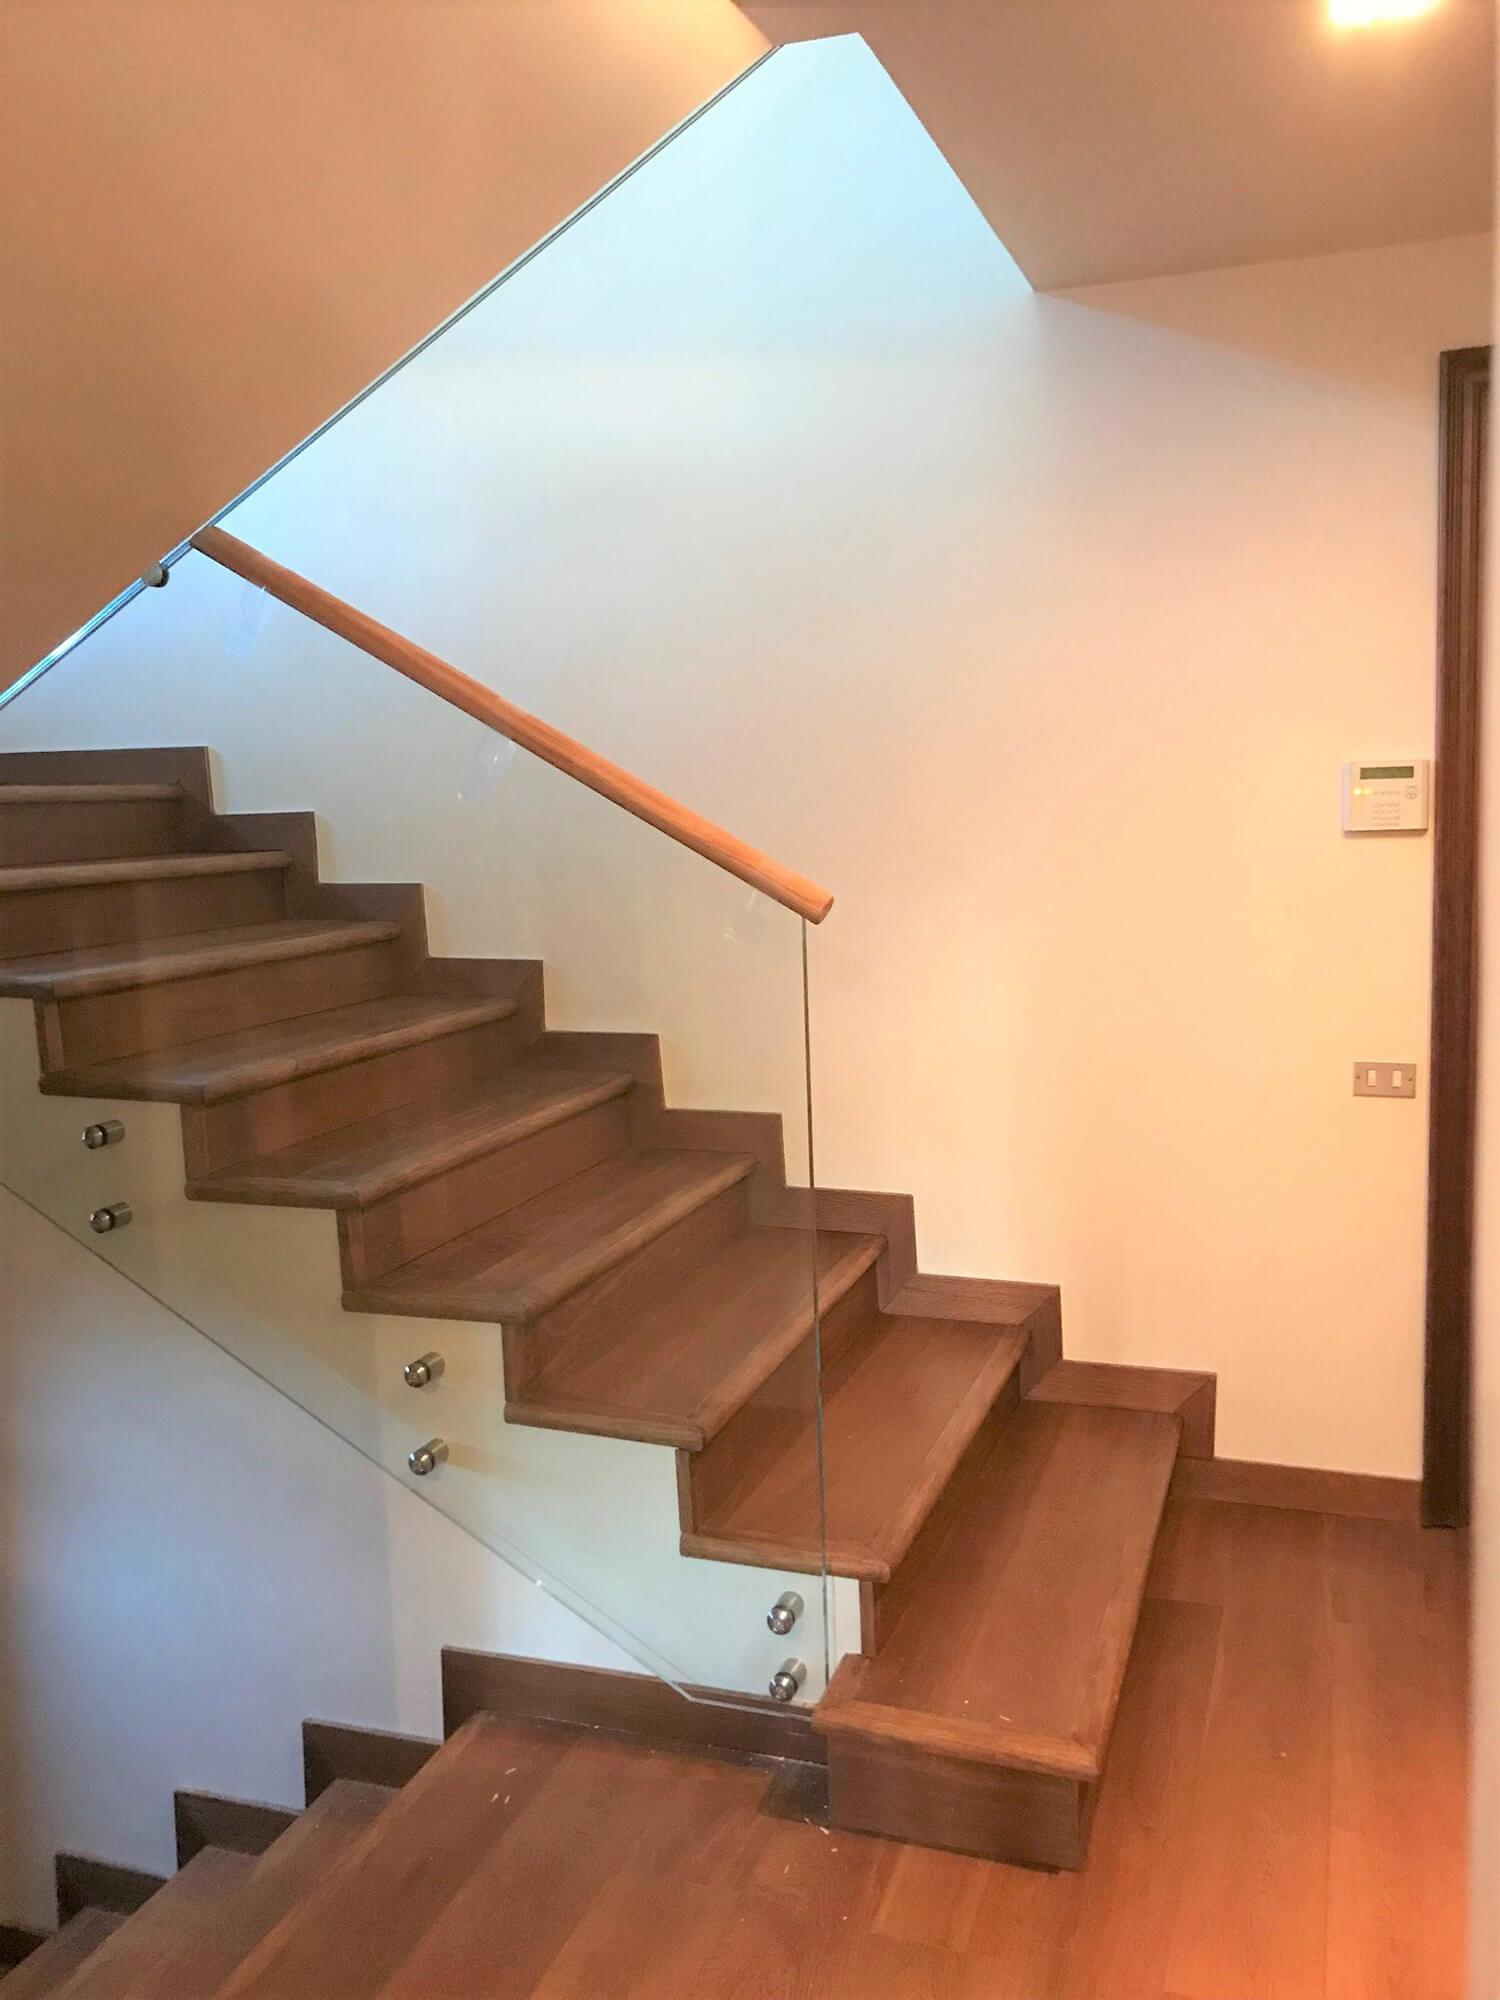 Treppengelaender in Glas mit aufgesetztem Holzhandlauf